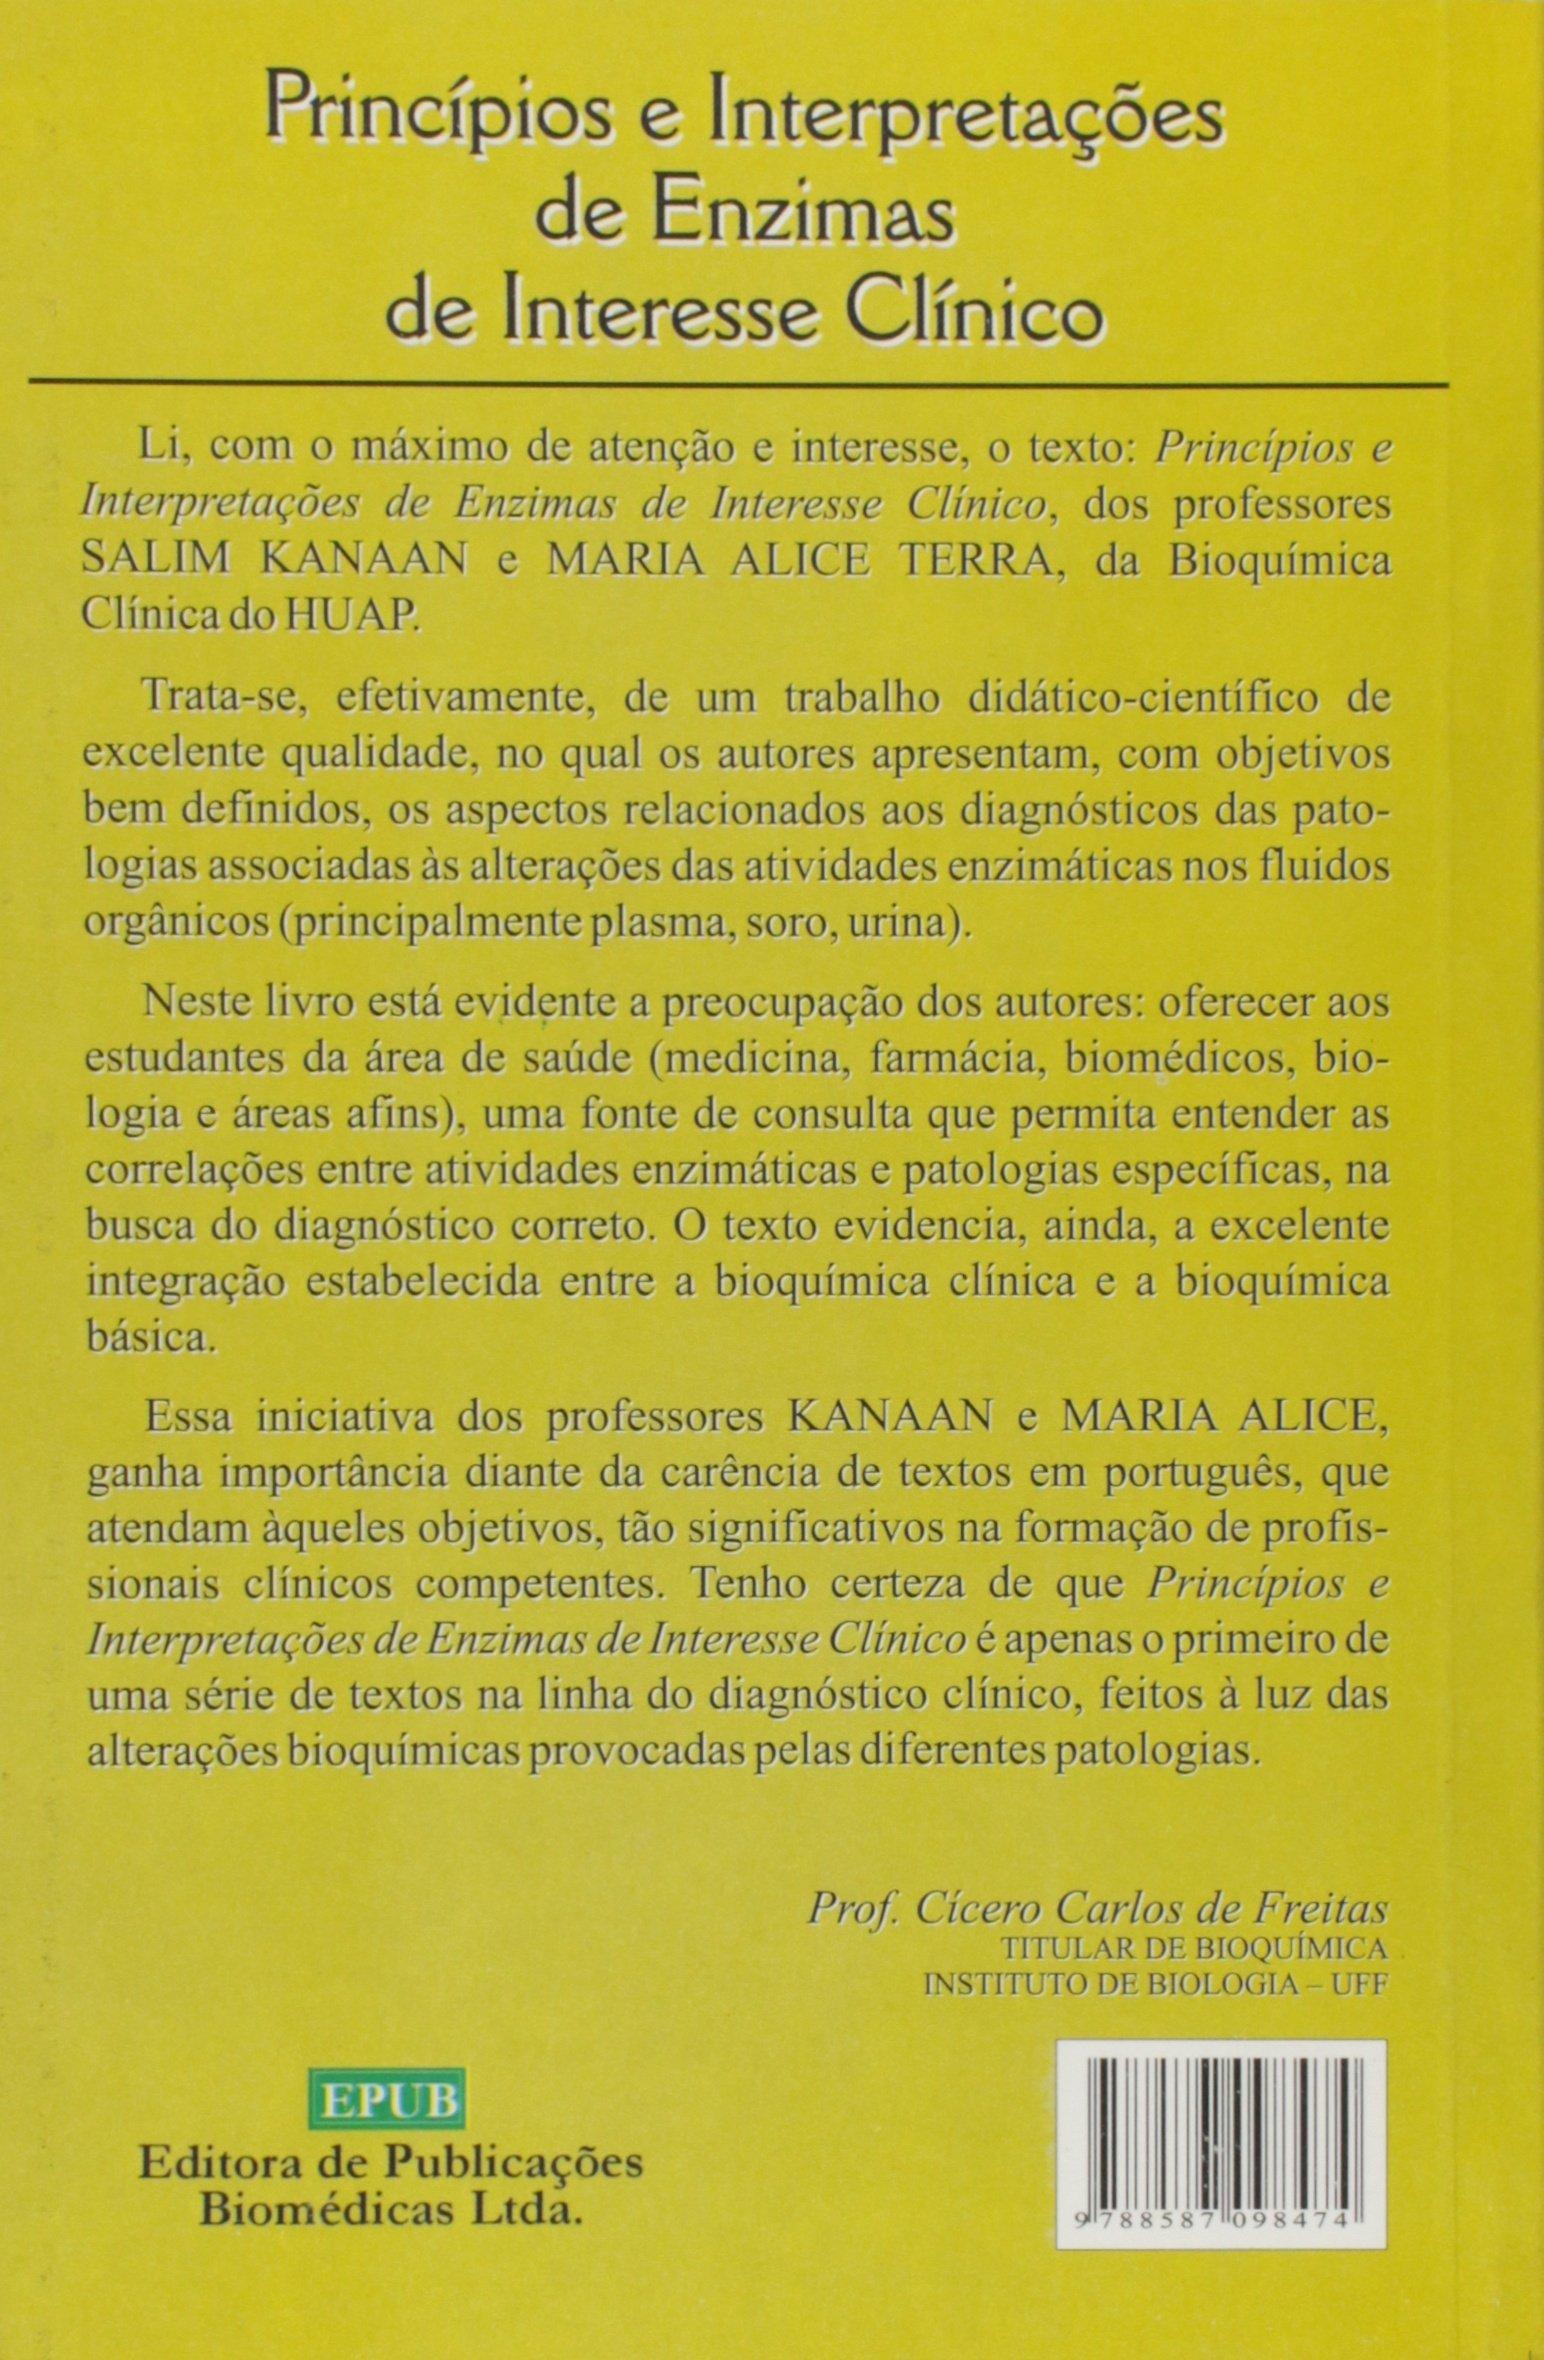 Principios E Interpretacoes De Enzimas E Interesse Clinico: Vários ...